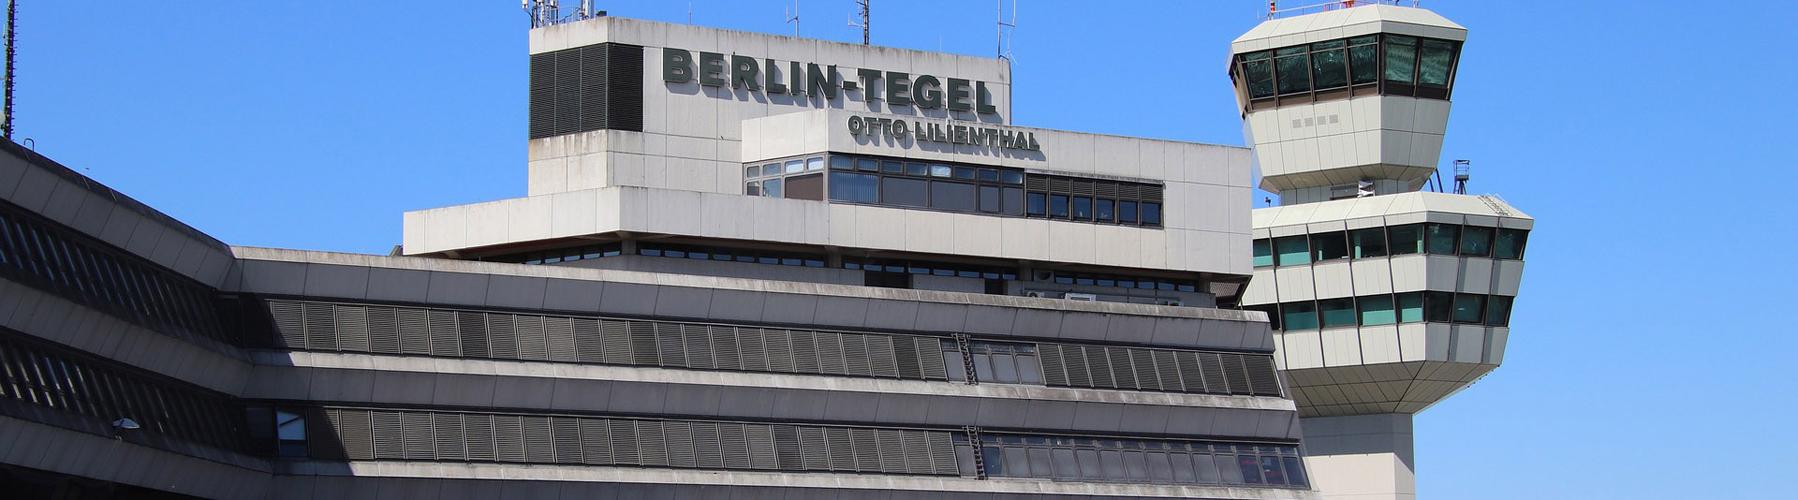 베를린 - 베를린 테겔 공항에 가까운 호스텔. 베를린의 지도, 베를린에 위치한 호스텔에 대한 사진 및 리뷰.